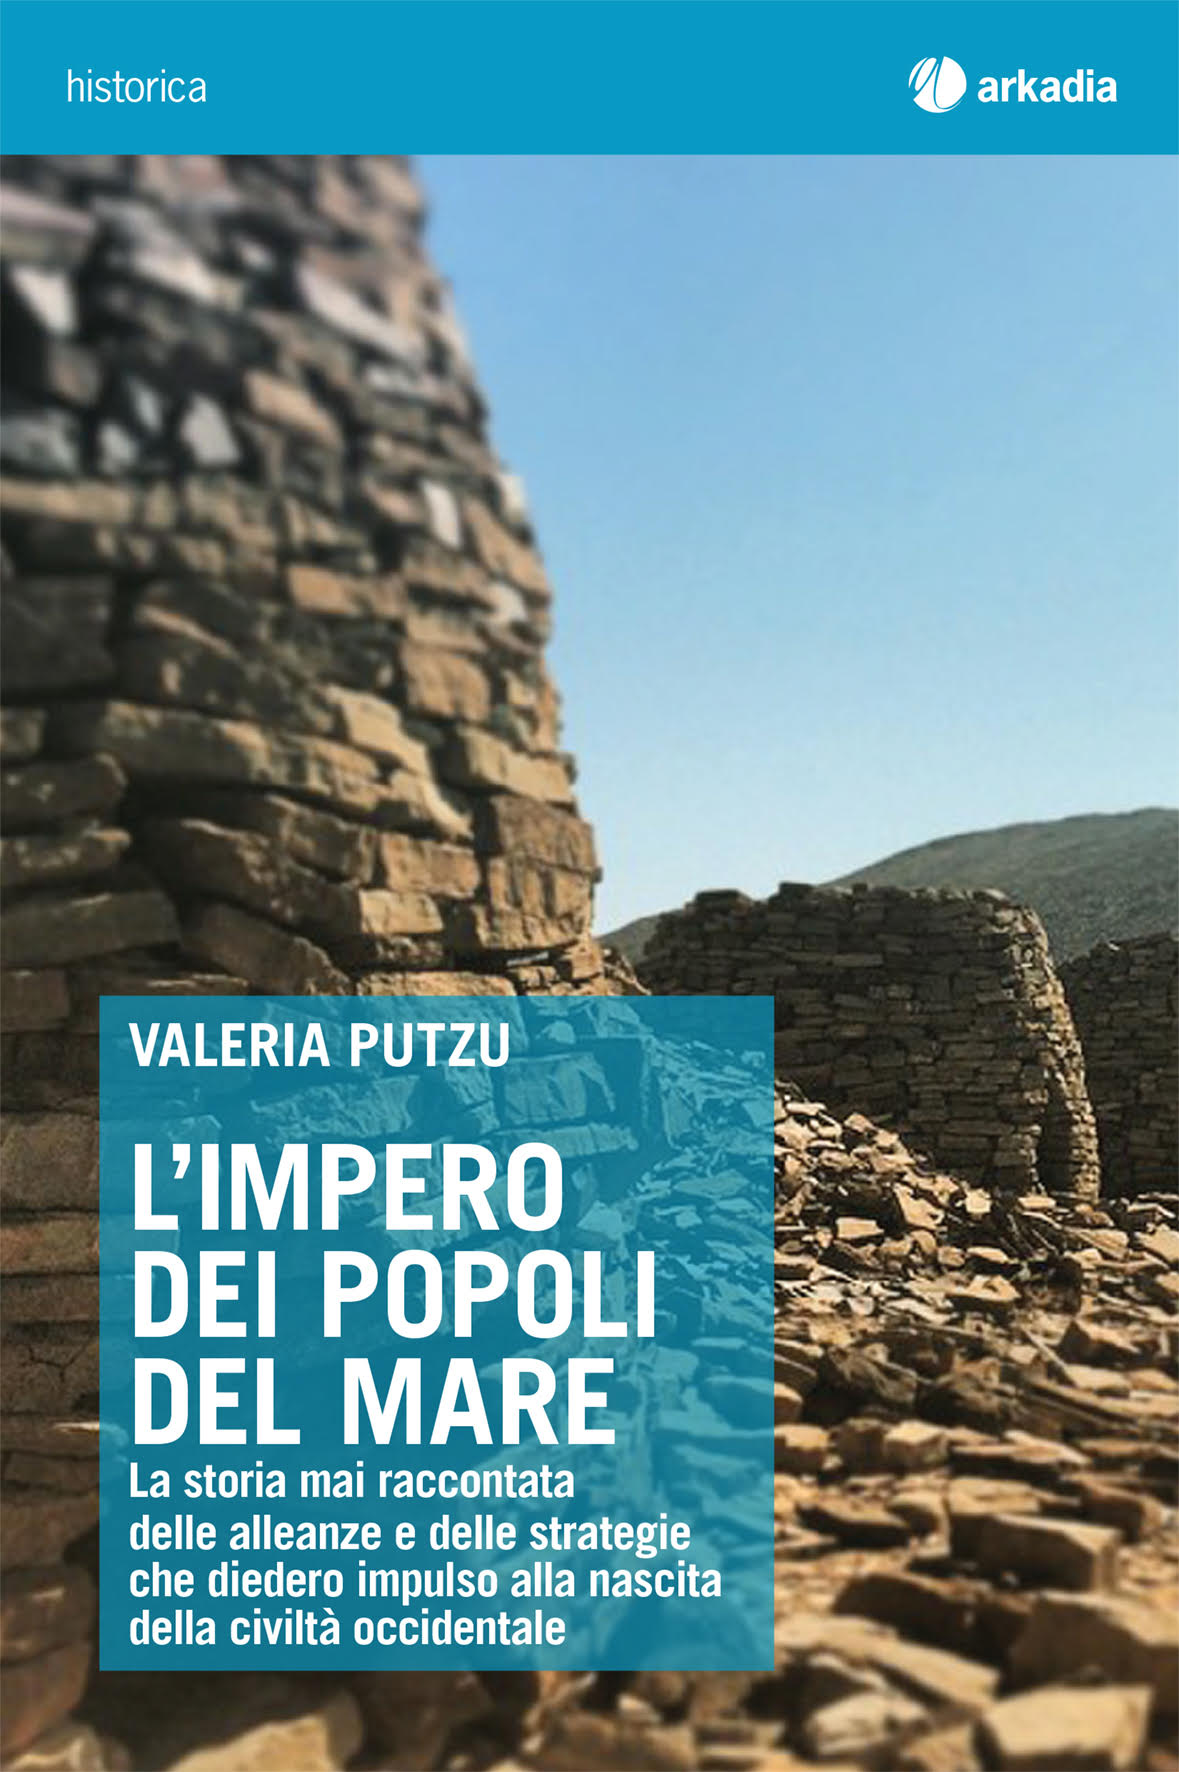 Limpero-dei-popoli-del-mare_1.jpg